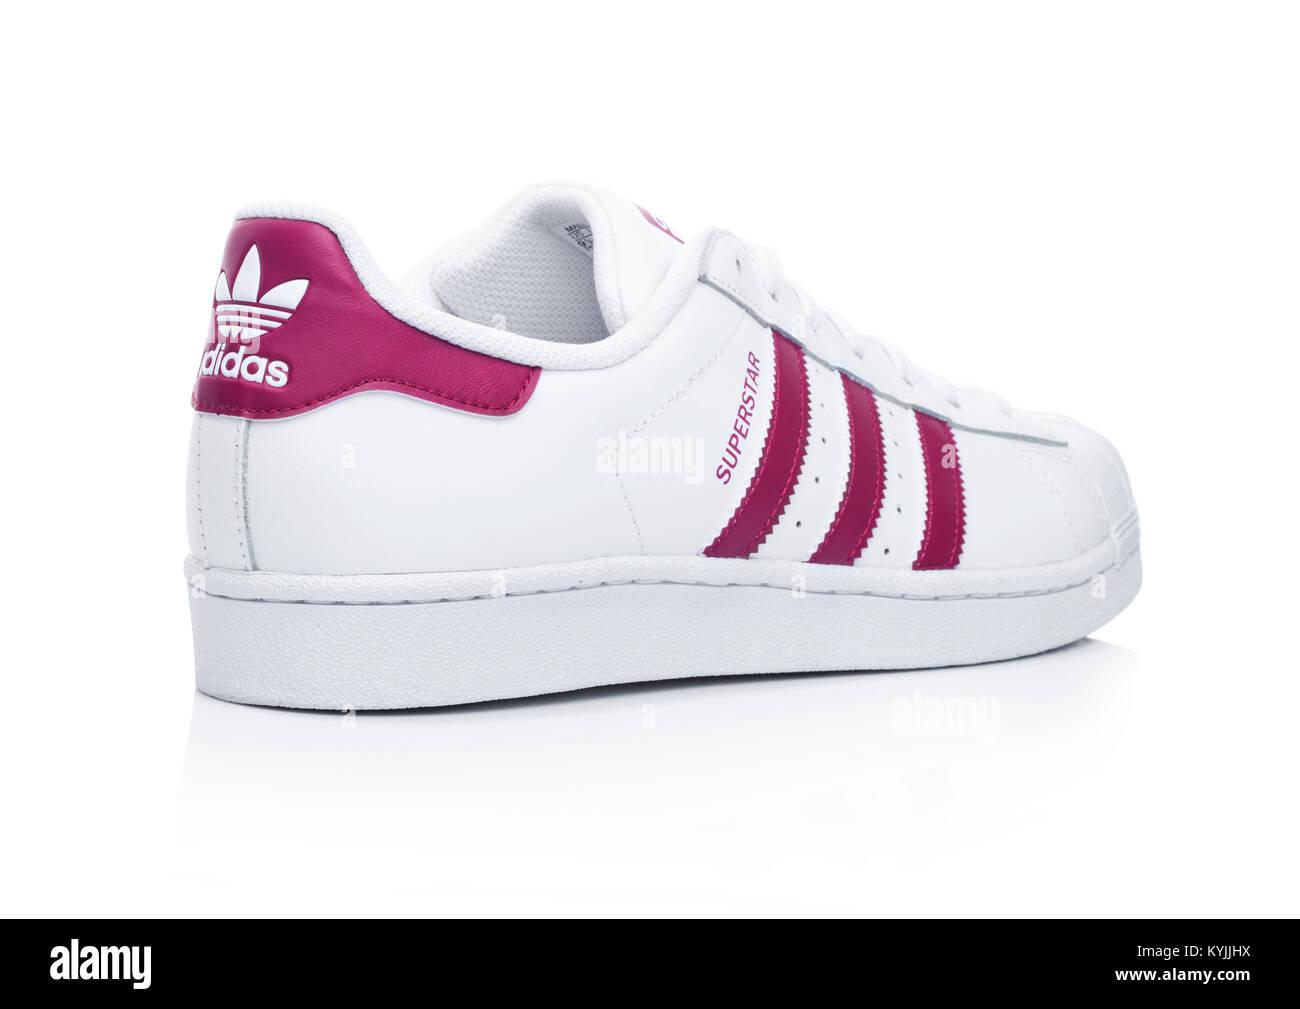 adidas zapatos rojos